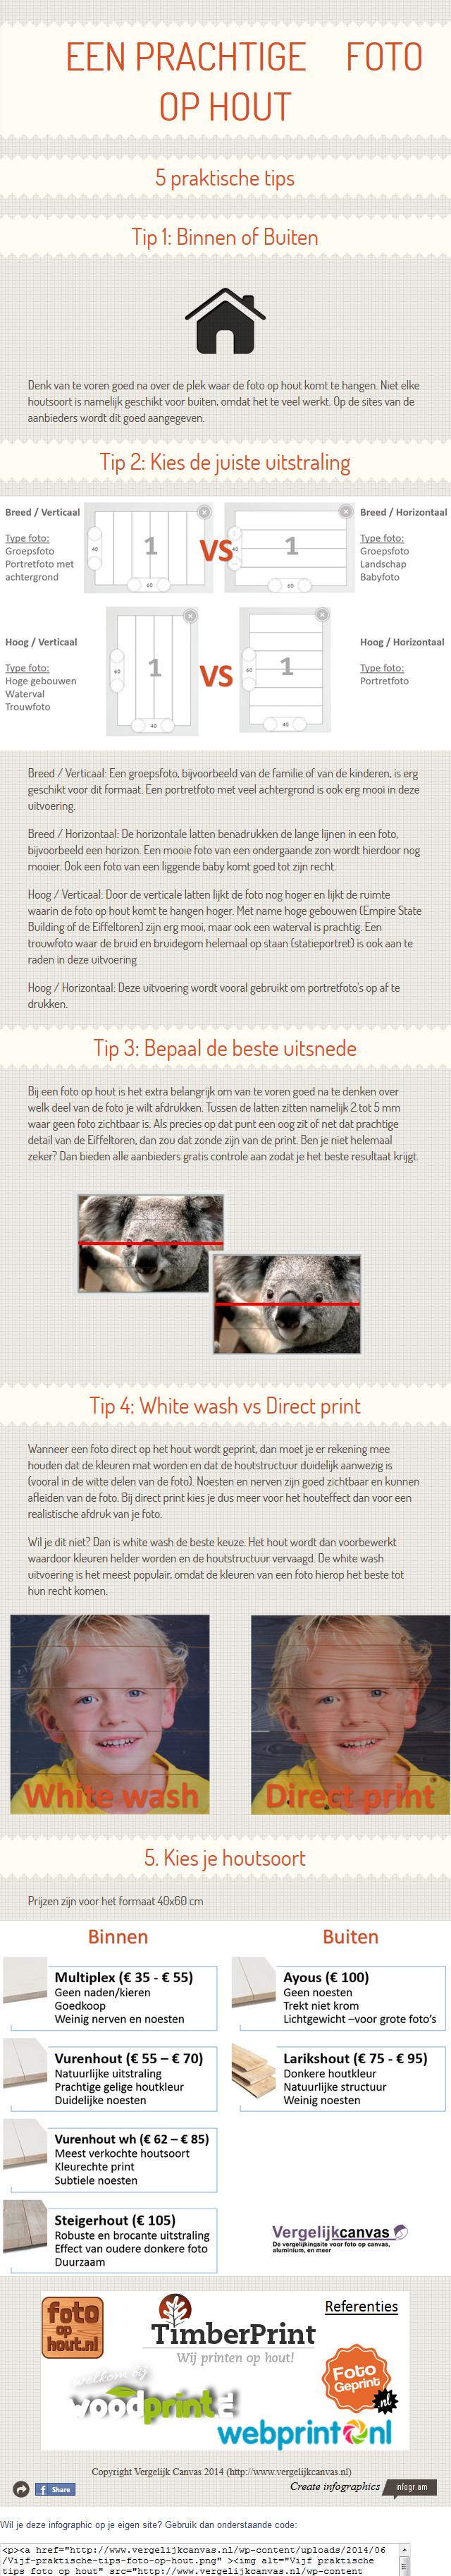 Vijf praktische tips foto op hout